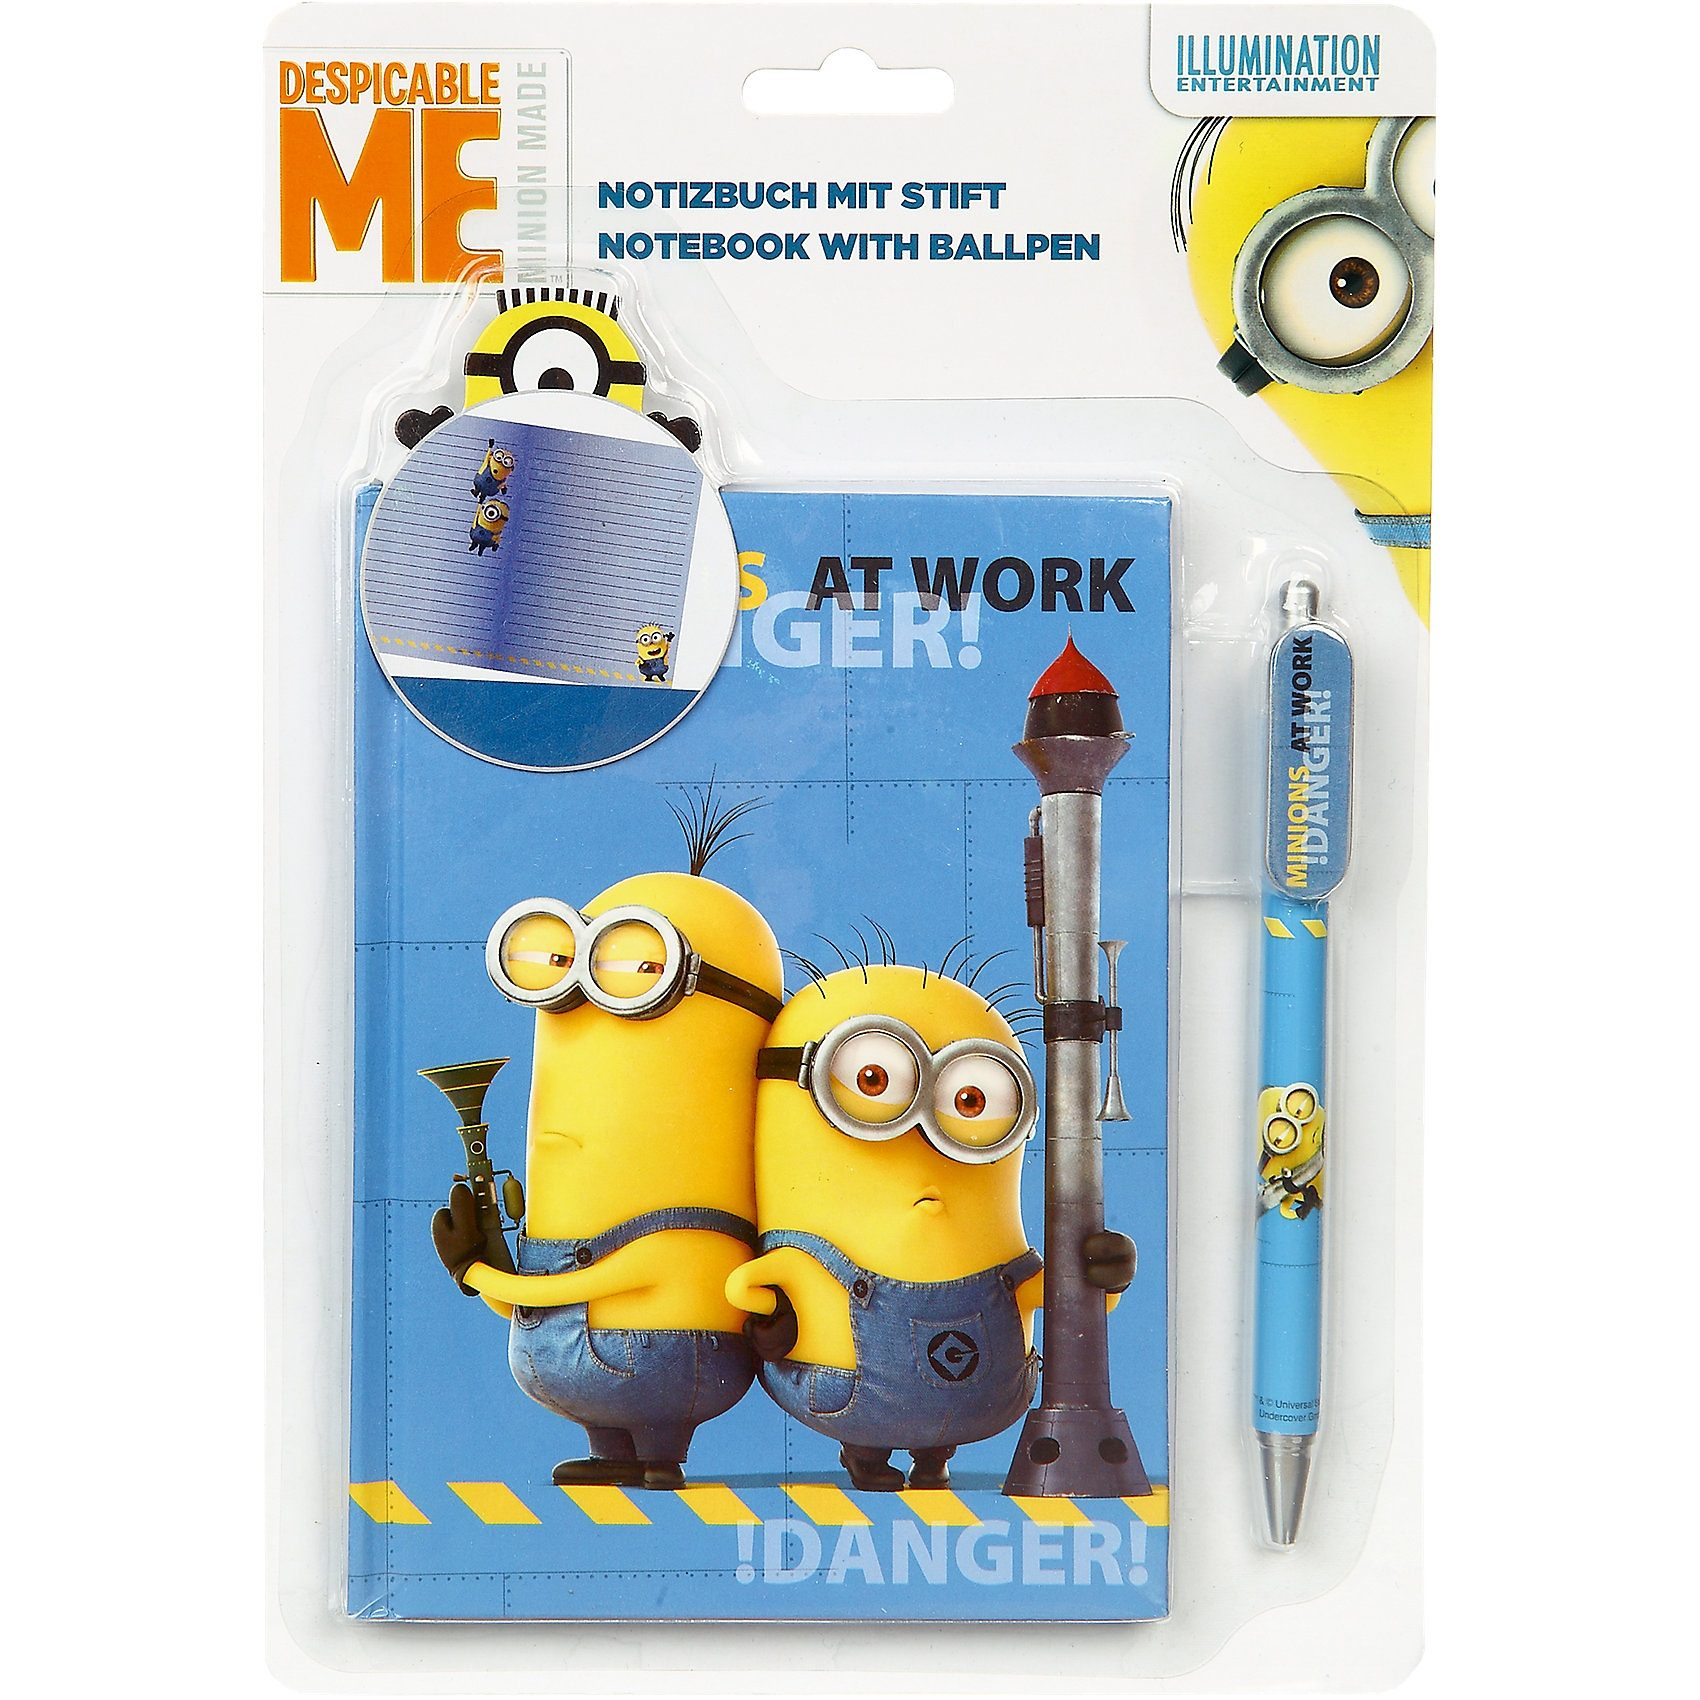 UNDERCOVER Notizbuch mit Stift Minions